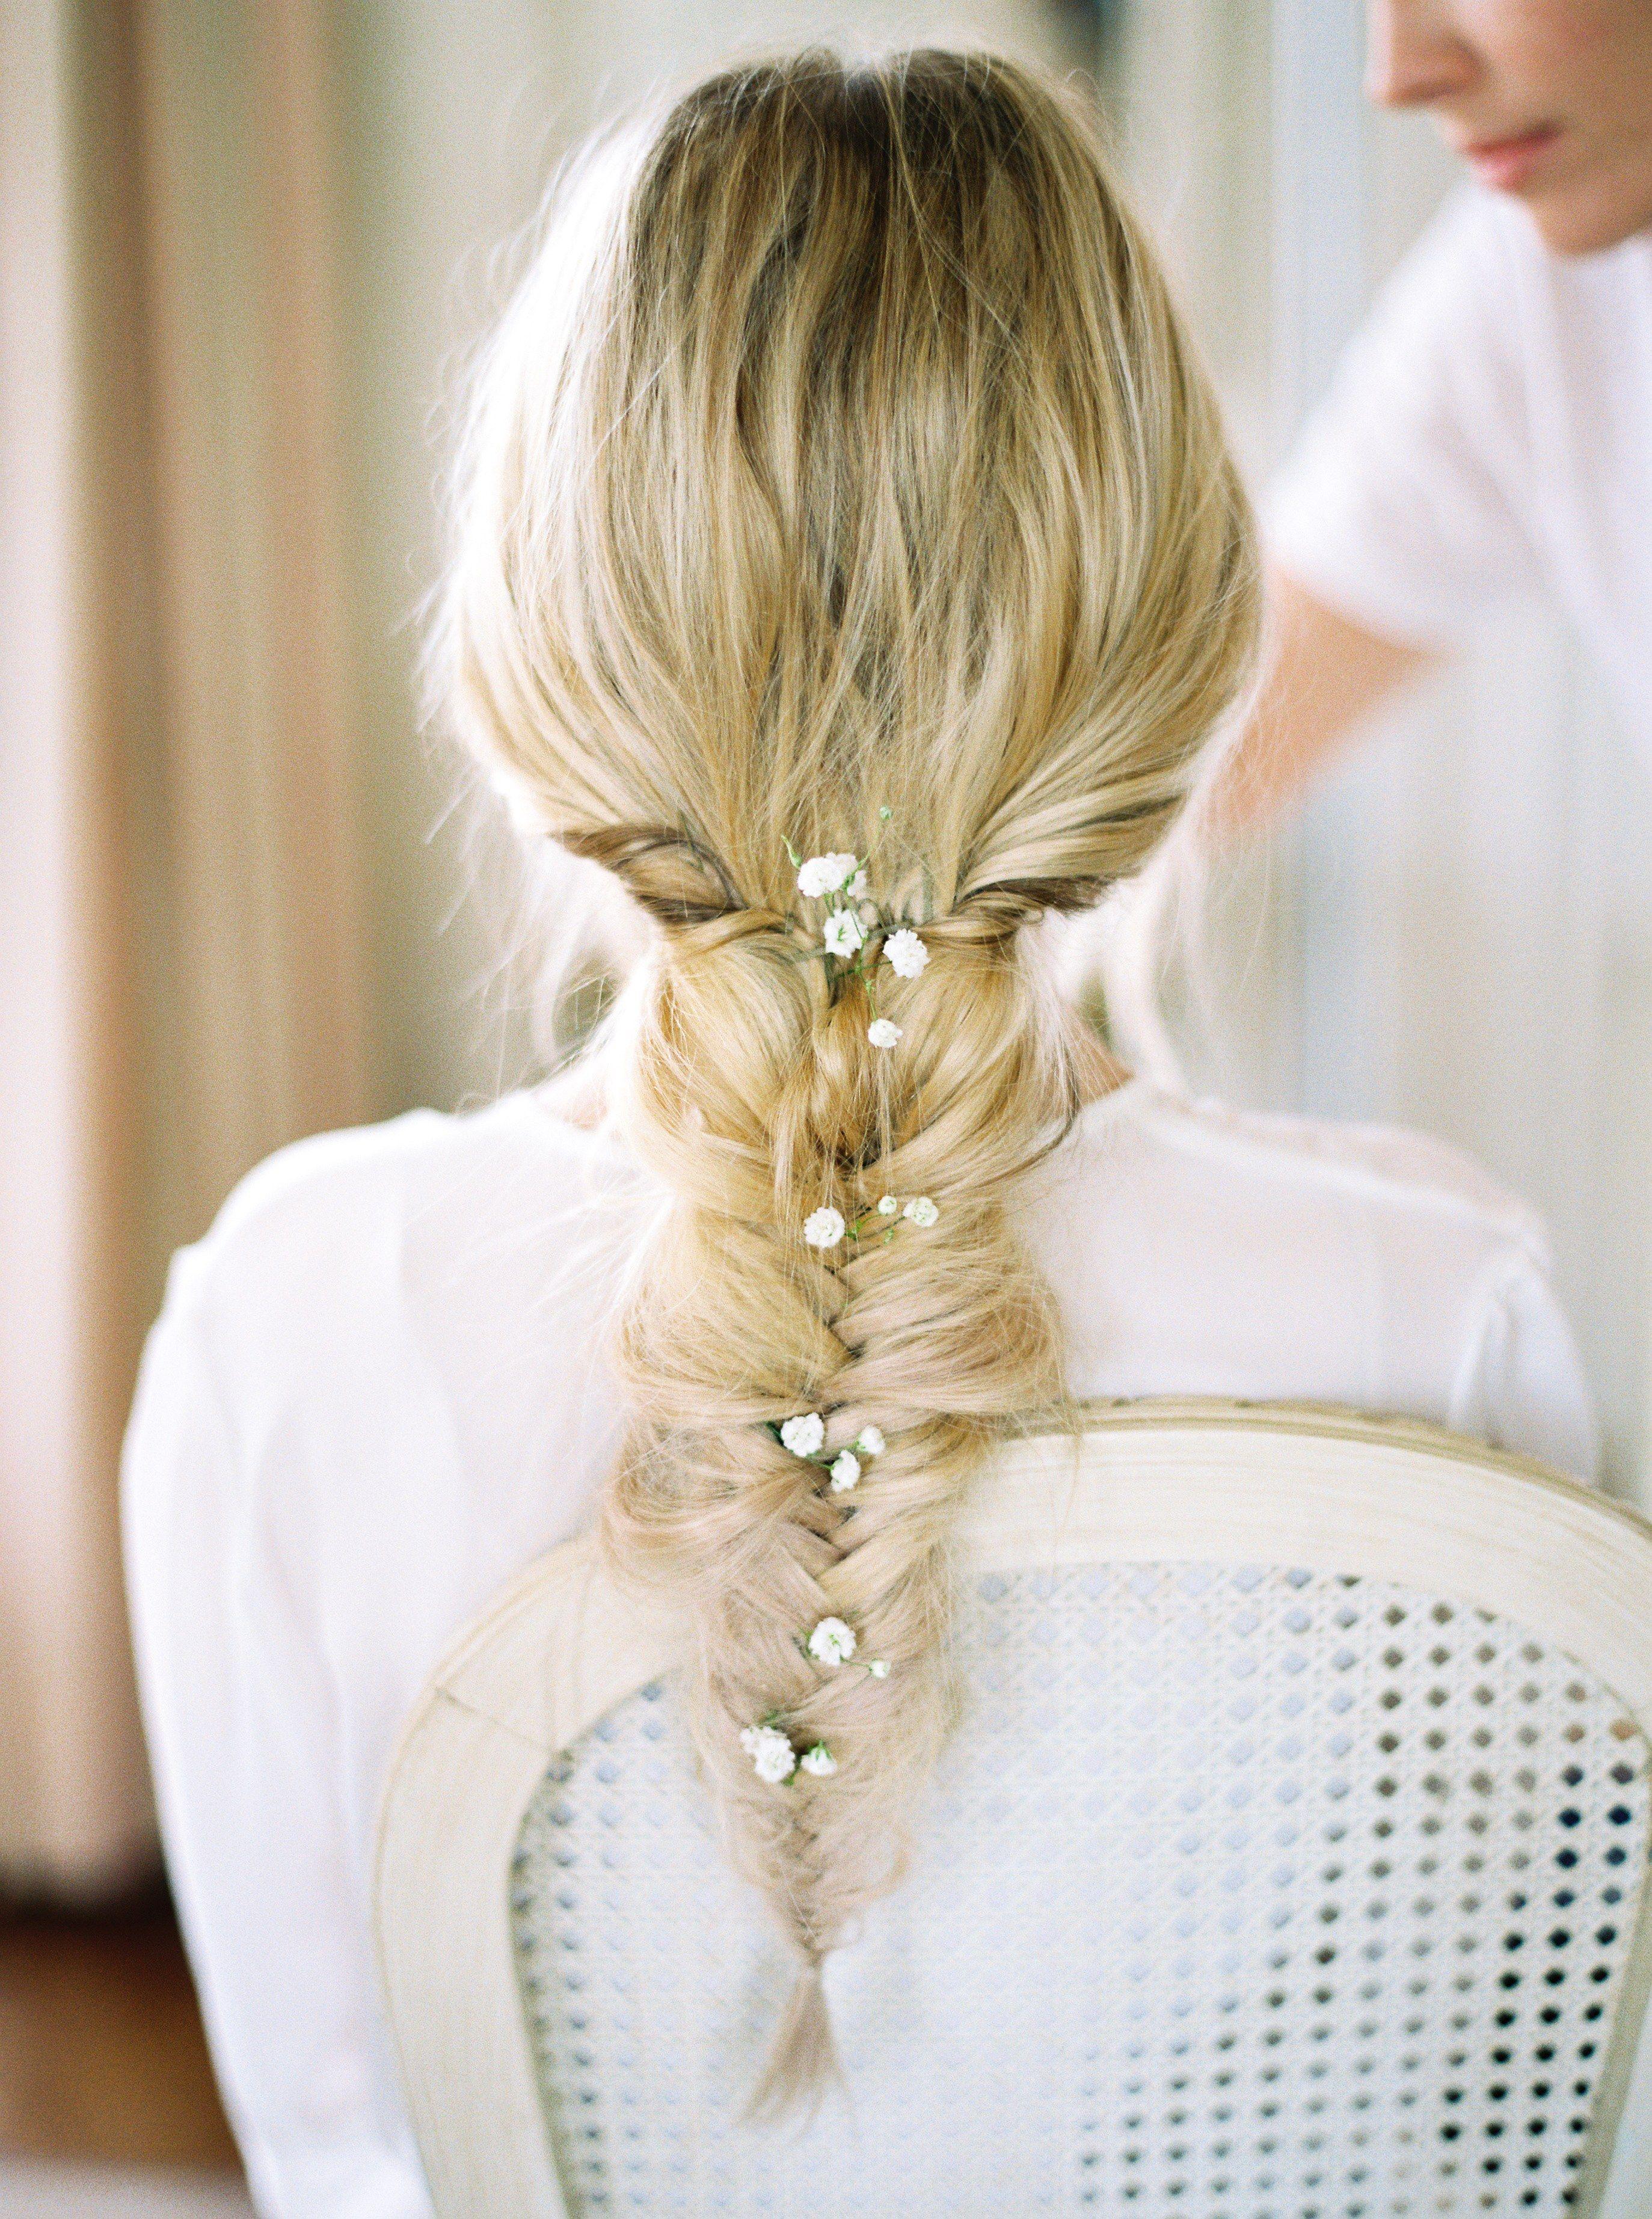 braided wedding hairstyles brides ides